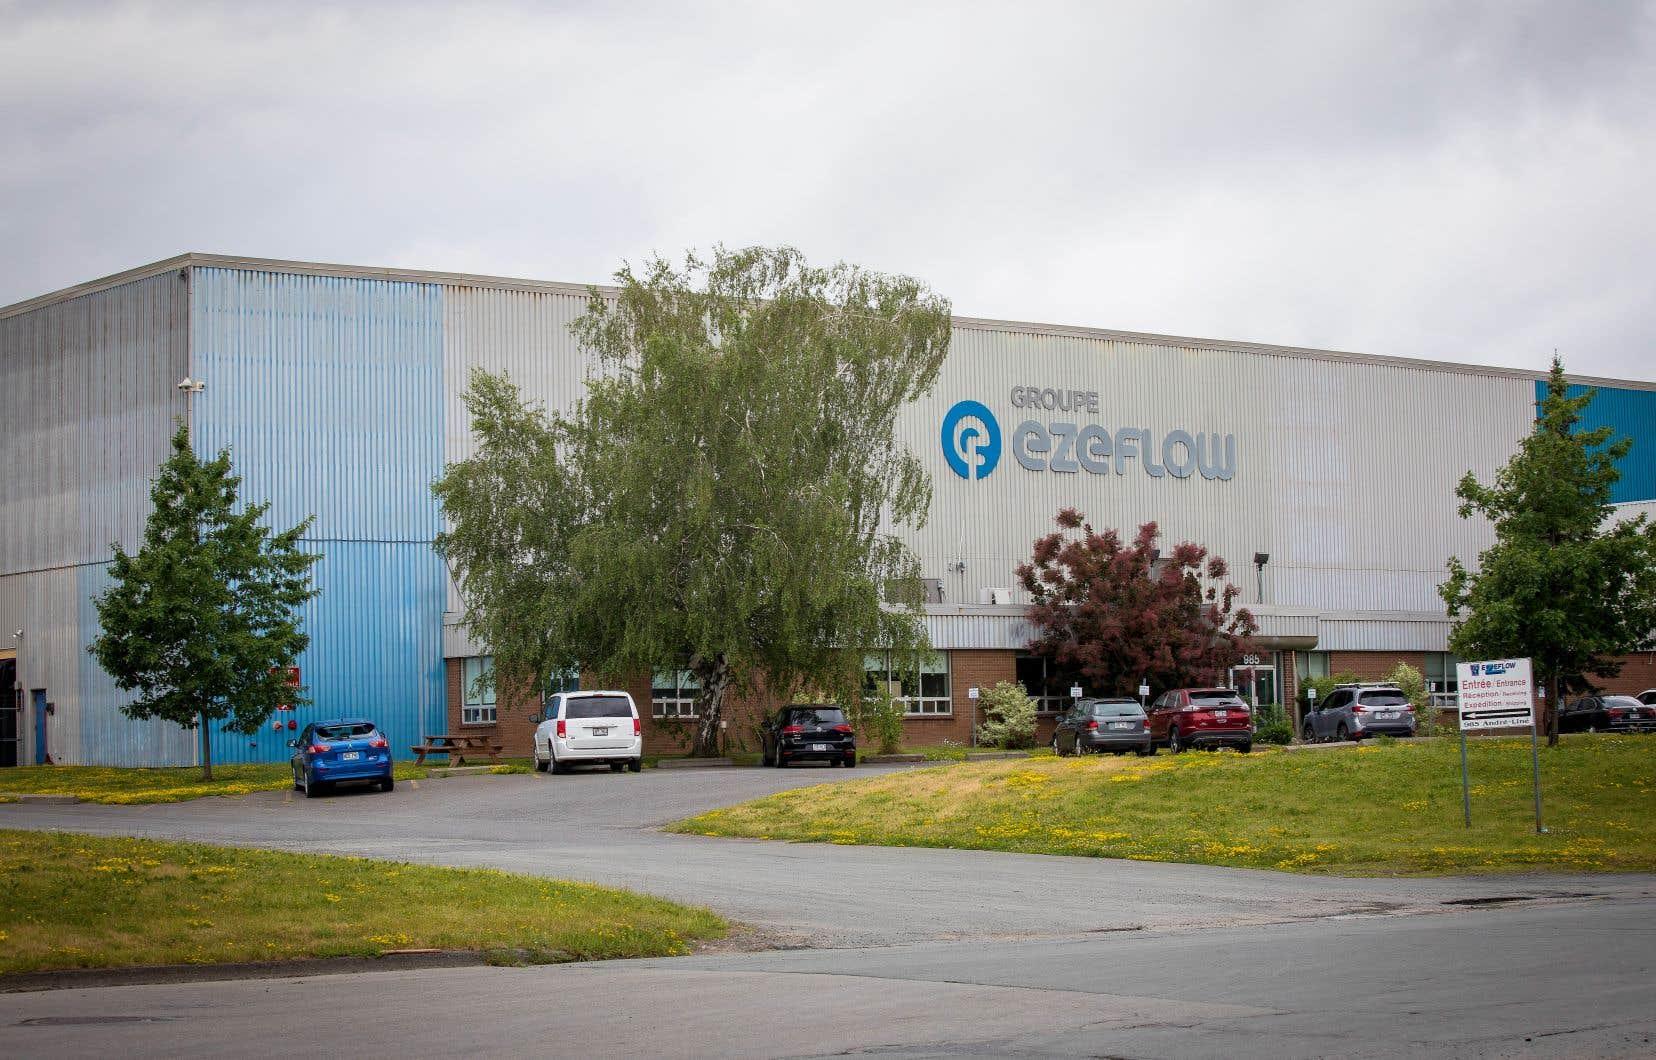 Des travailleurs de l'usine Ezeflow ont sonné l'alarme durant des mois quant à leur sécurité, mais leur employeur et la CNESST ont tardé à agir après un accident grave.